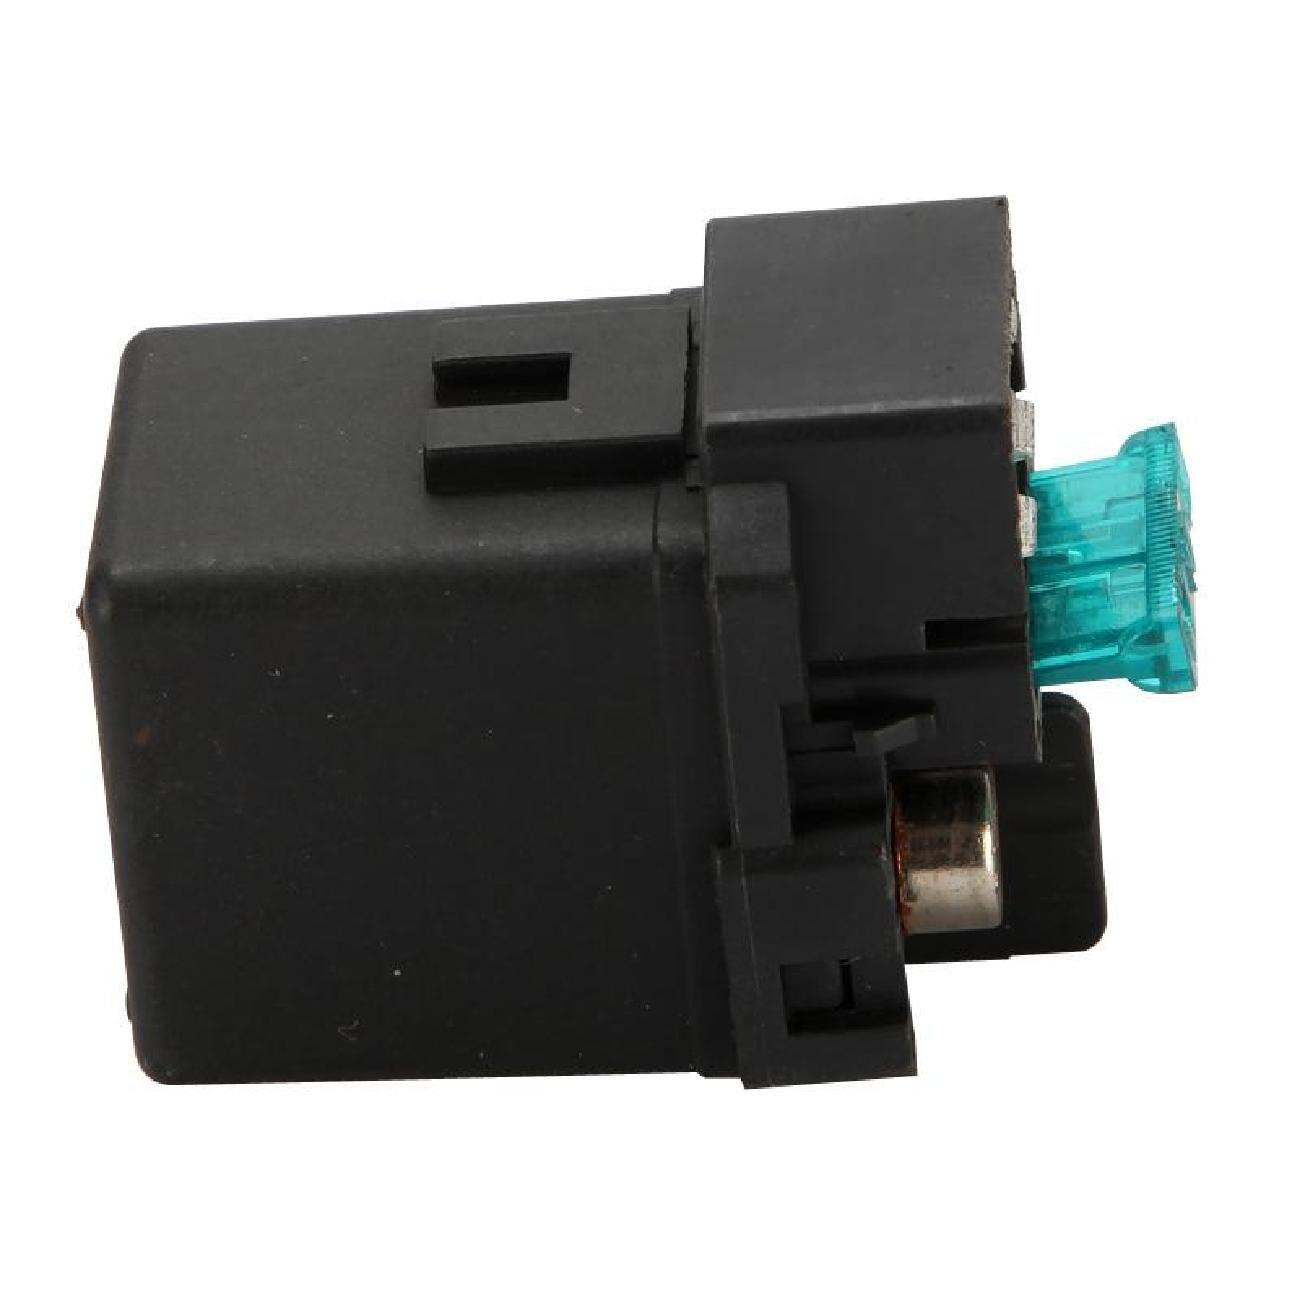 Starter Relay Solenoid plug For HONDA ST1100 1993-2002 VTX1300 2003-2009